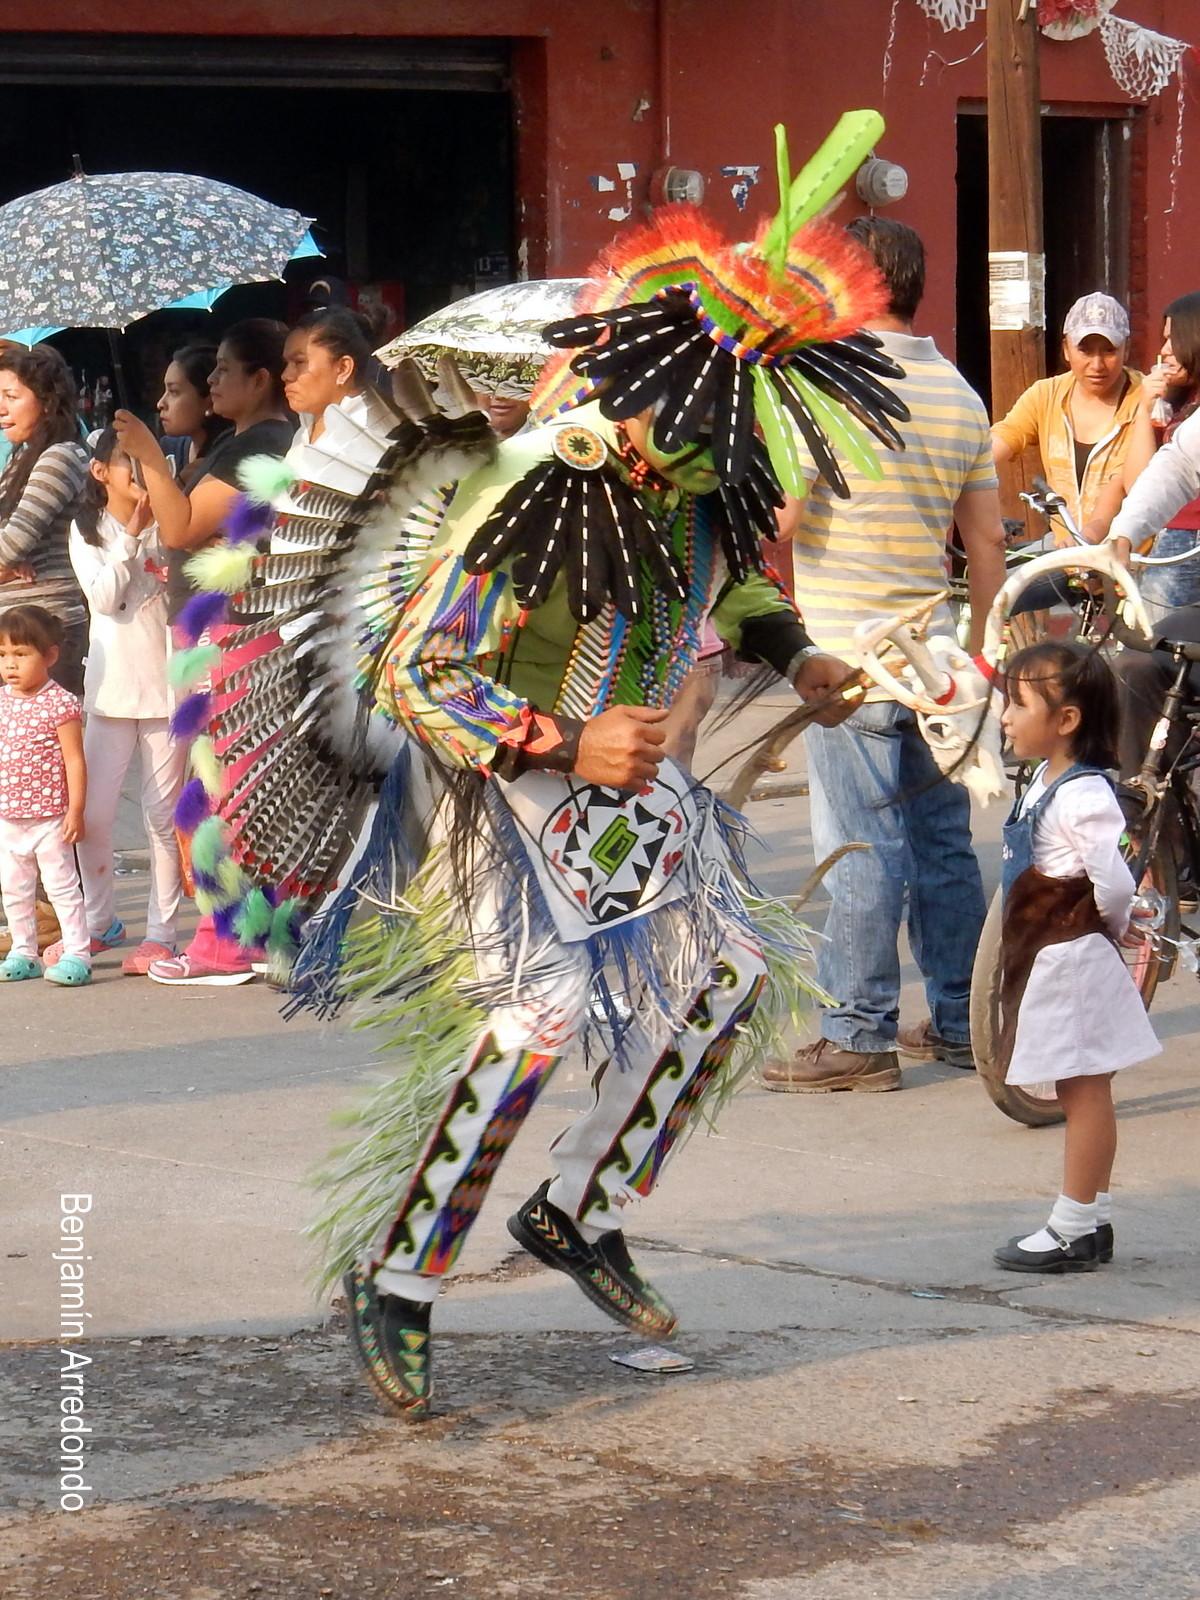 LA DANZA DE LOS COMANCHES<br>el día de la Santa Cruz en Valtierrilla, Guanajuato